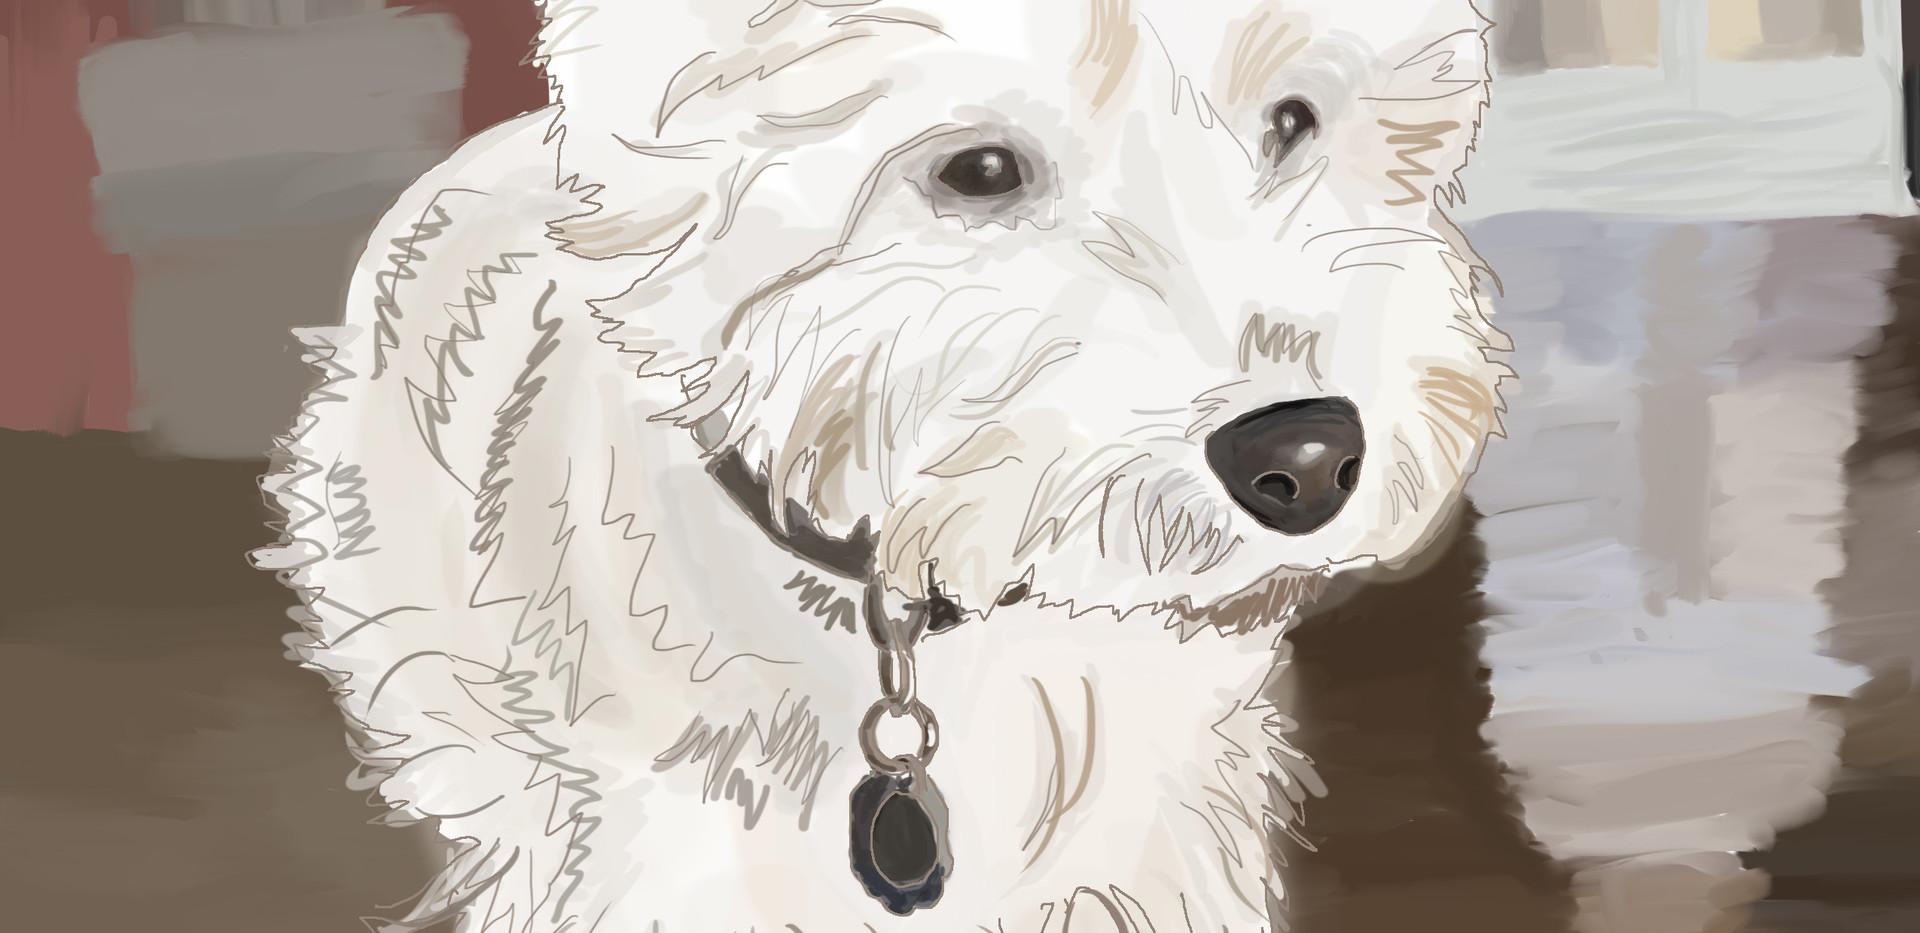 Barry the Dog Digital Illustration